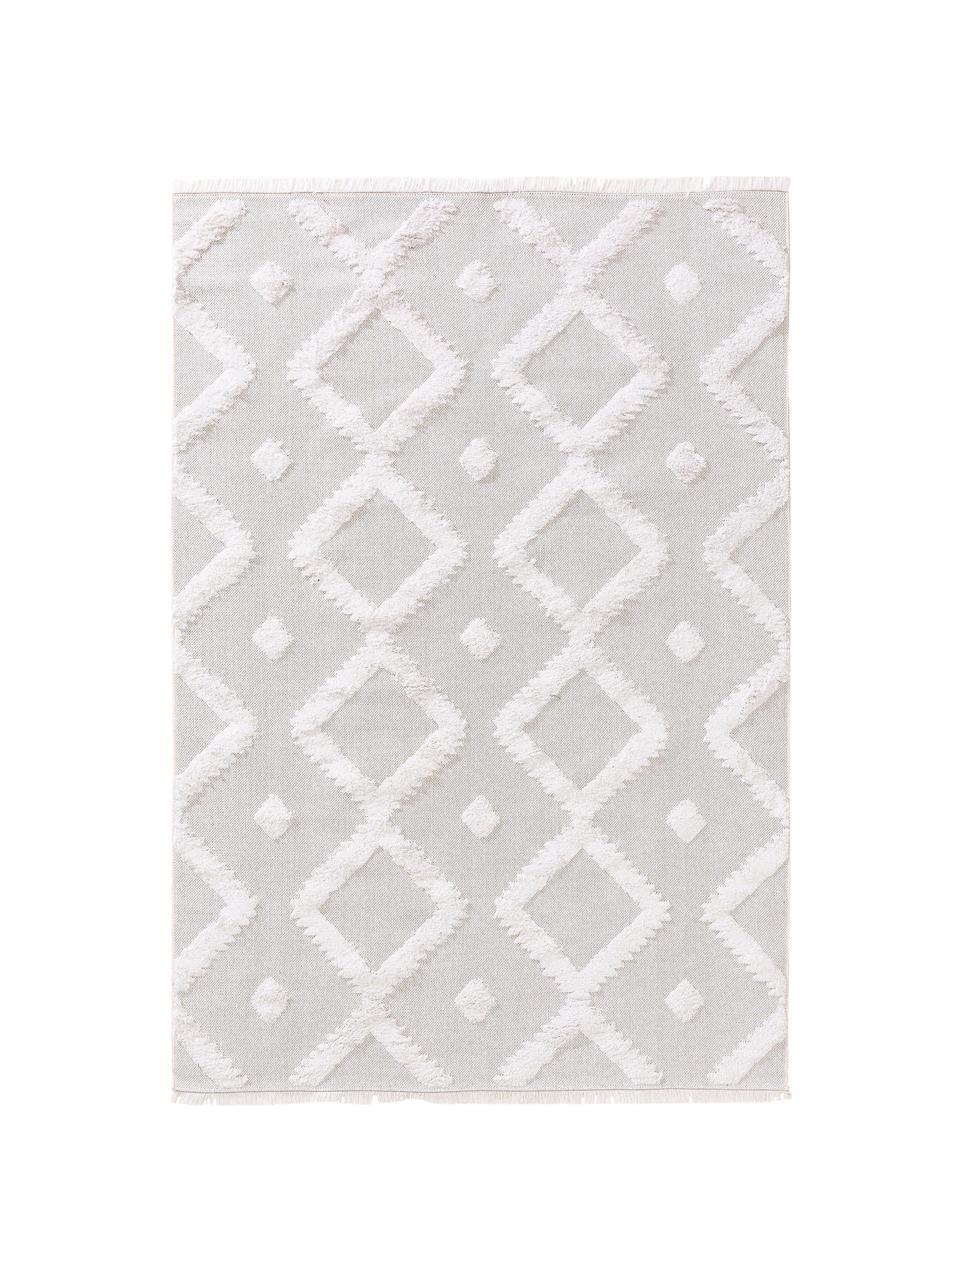 Dywan z bawełny w stylu boho z wypukłą strukturą Oslo, 100% bawełna, Kremowobiały, beżowy, S 190 x D 280 cm (Rozmiar M)